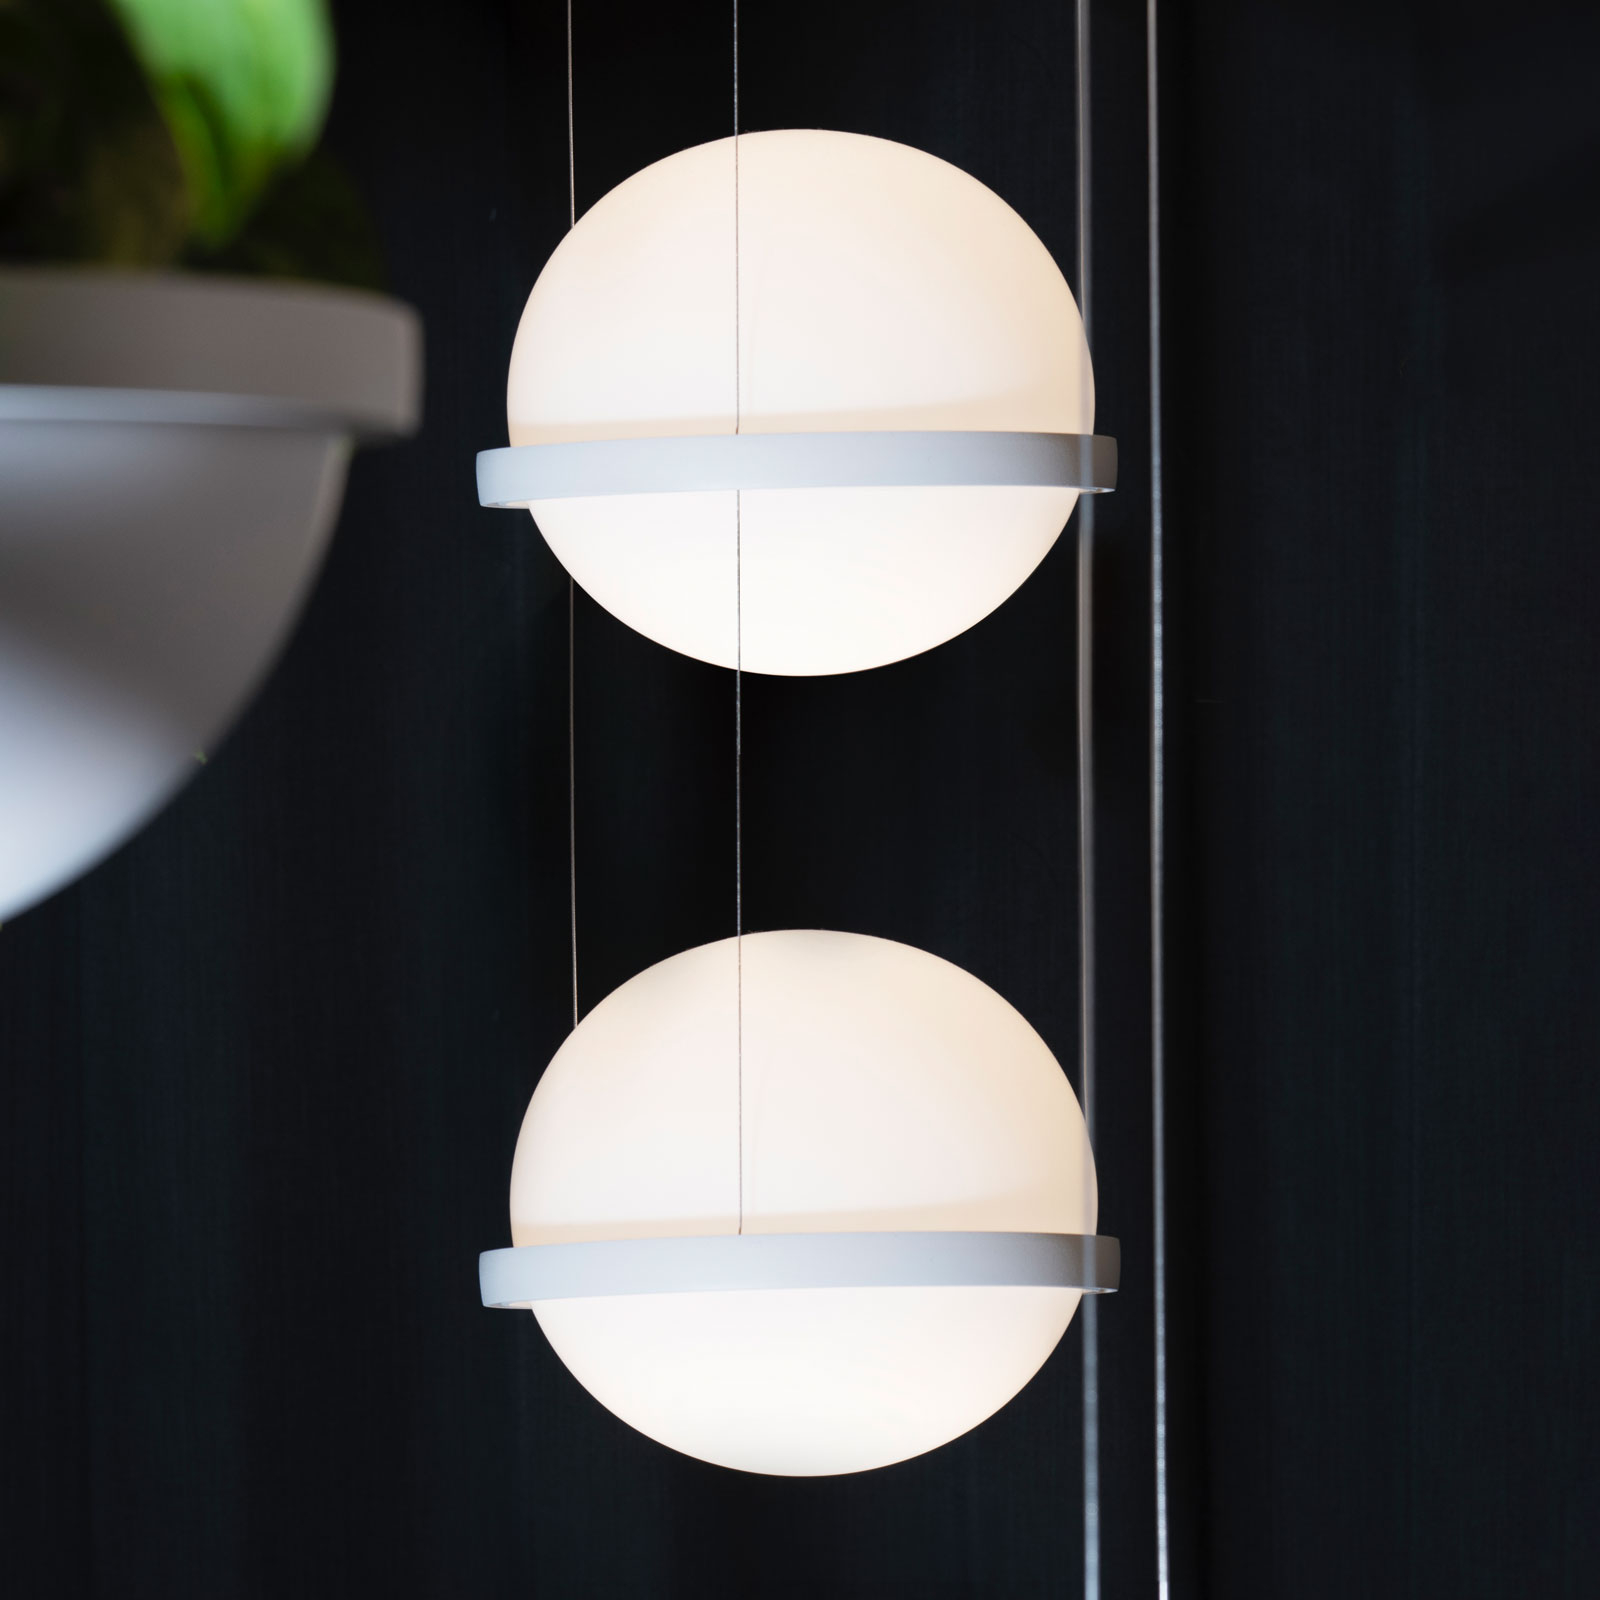 Vibia Palma 3726 LED-Hängelampe 2-flammig, weiß